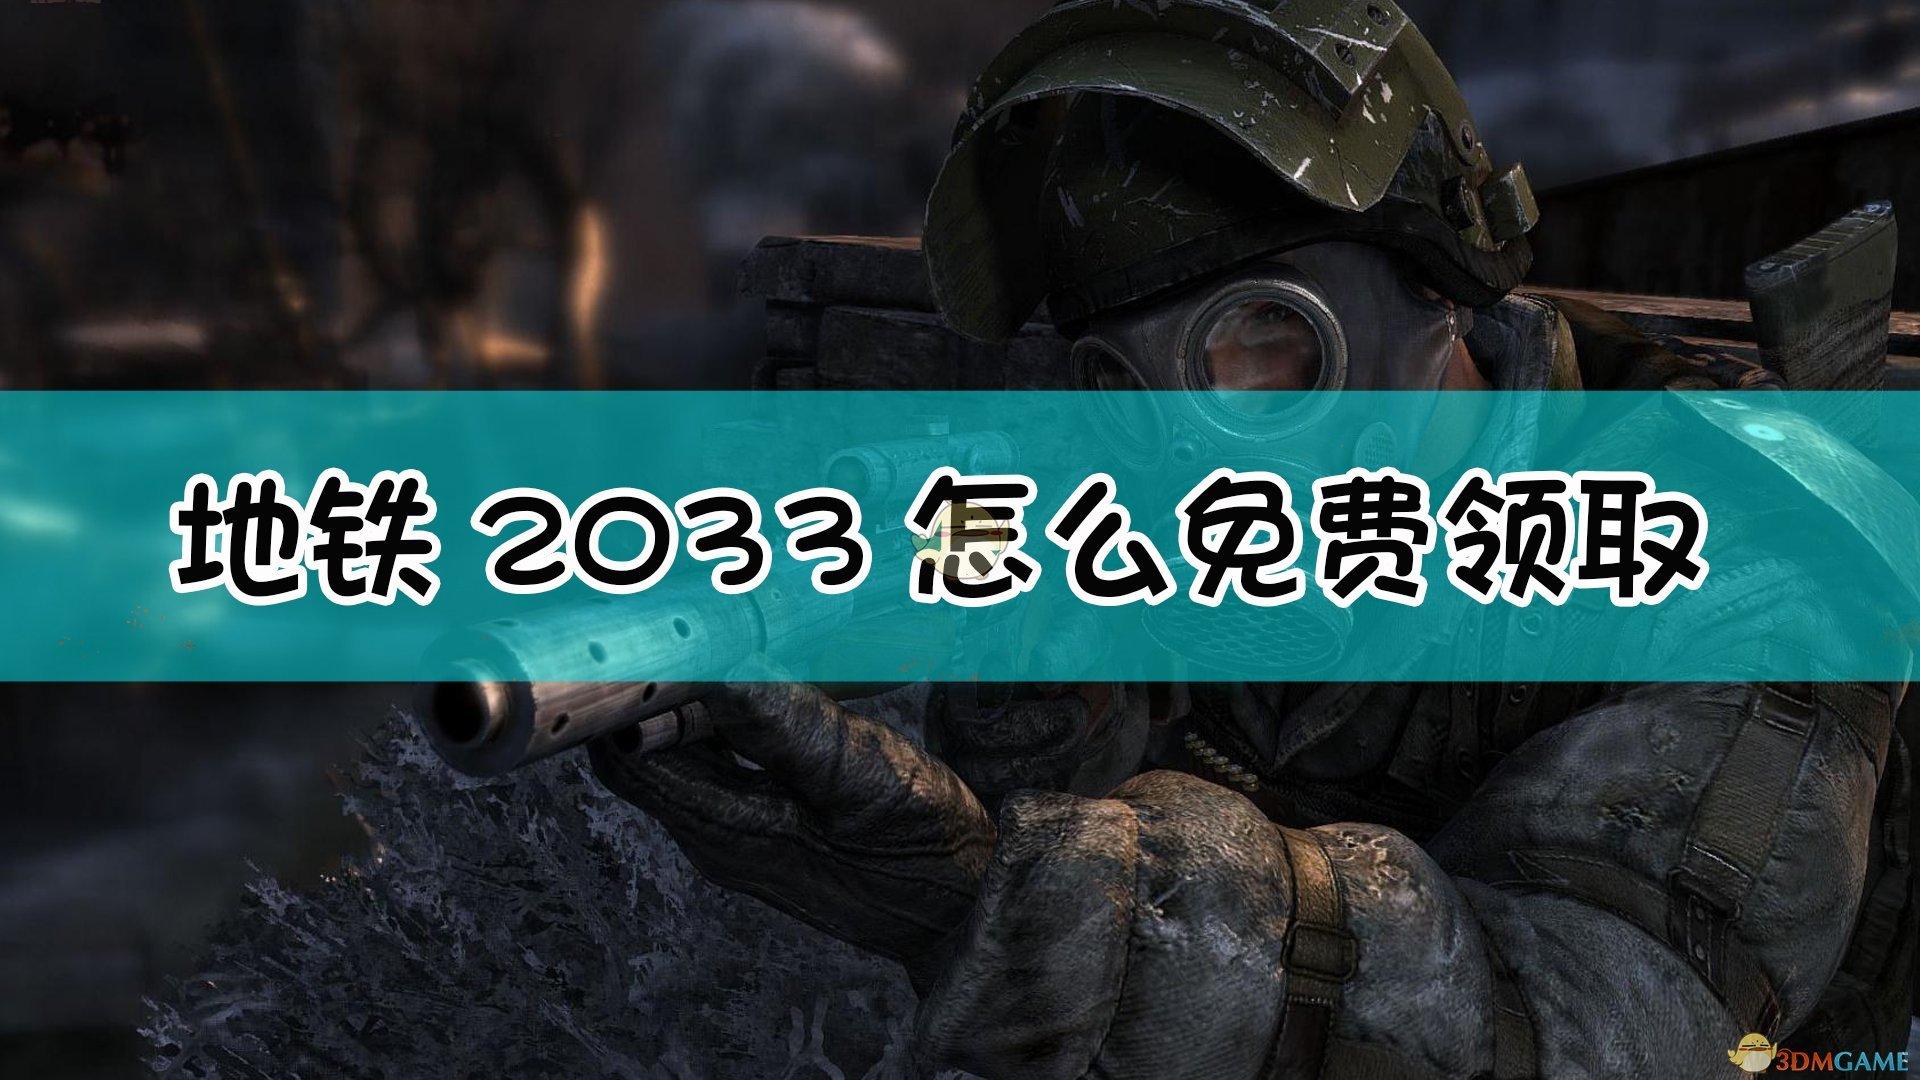 《地铁2033》steam免费领取方法介绍